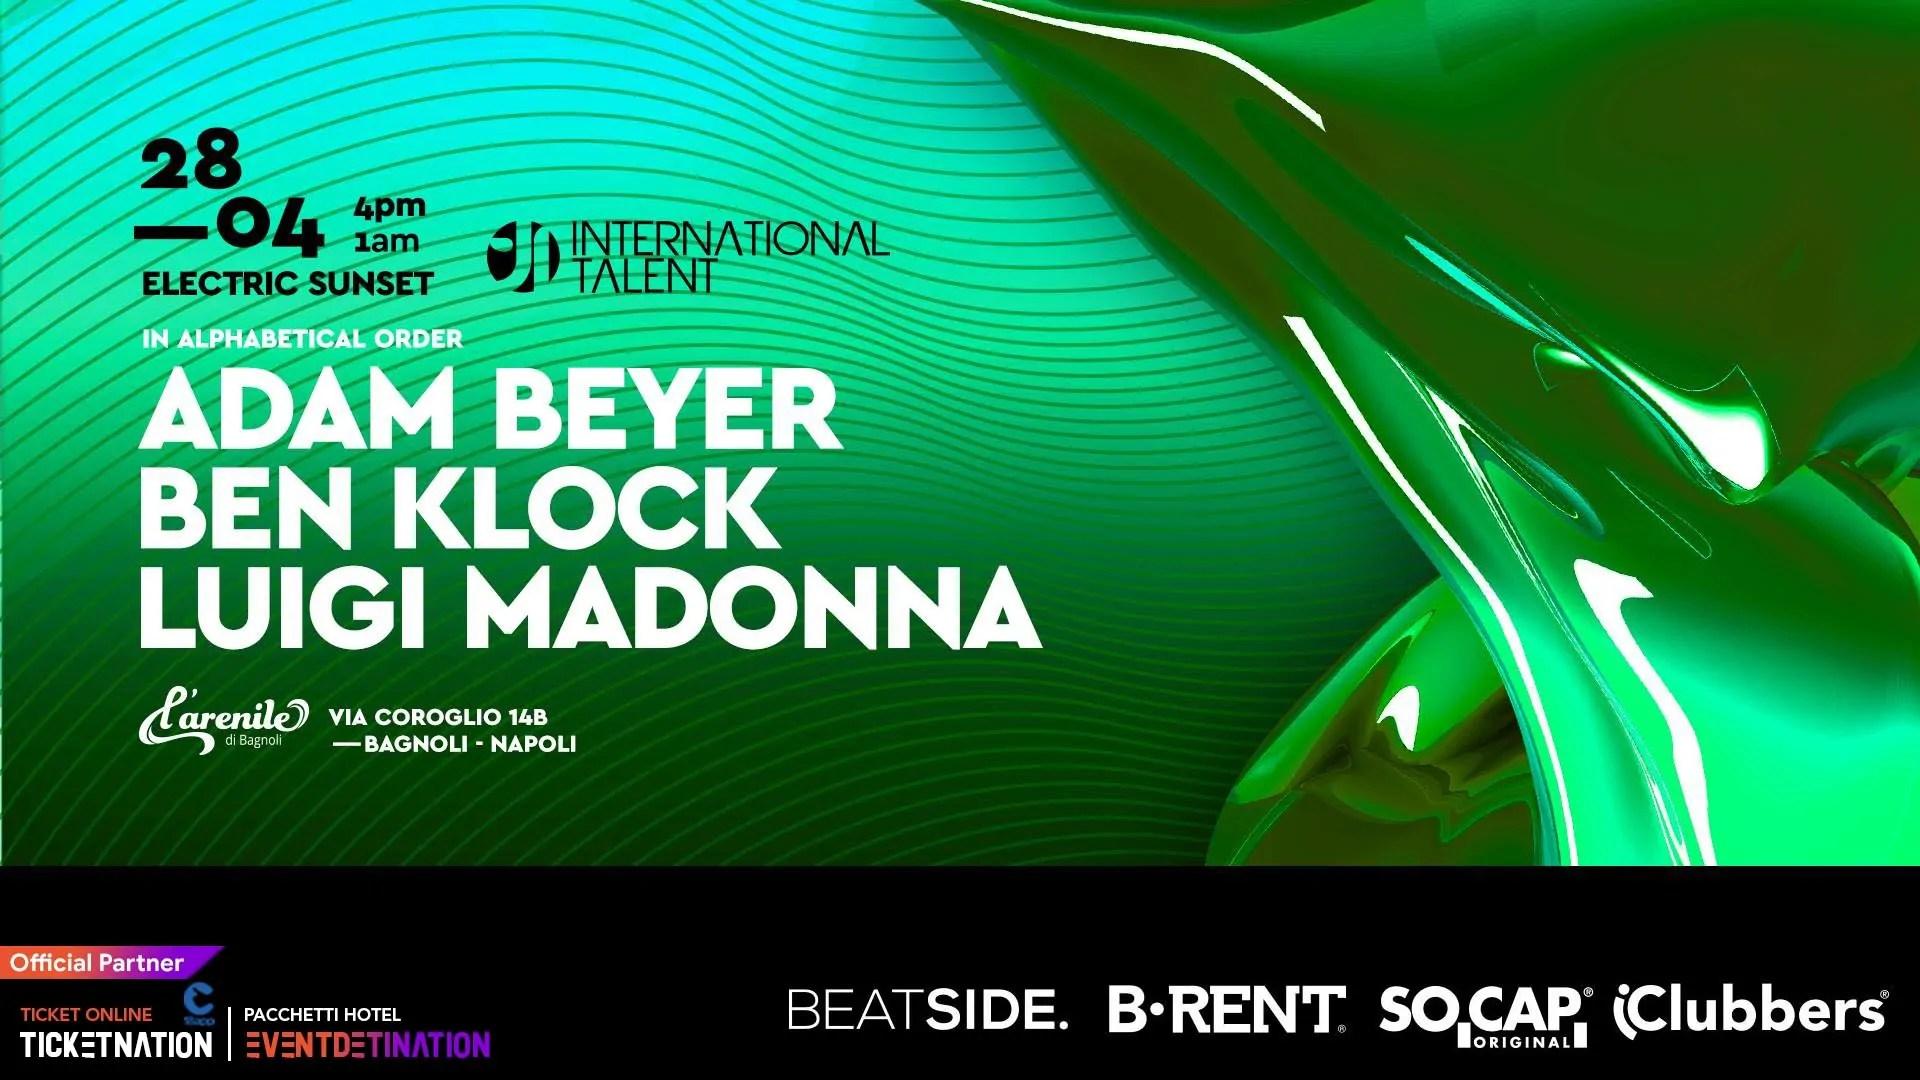 Adam Beyer, Ben Klock at Arenile Bagnoli Napoli International Talent – Domenica 28 Aprile 2019 | Ticket/Biglietti/Prevendite 18APP Tavoli Pacchetti hotel Prevendite